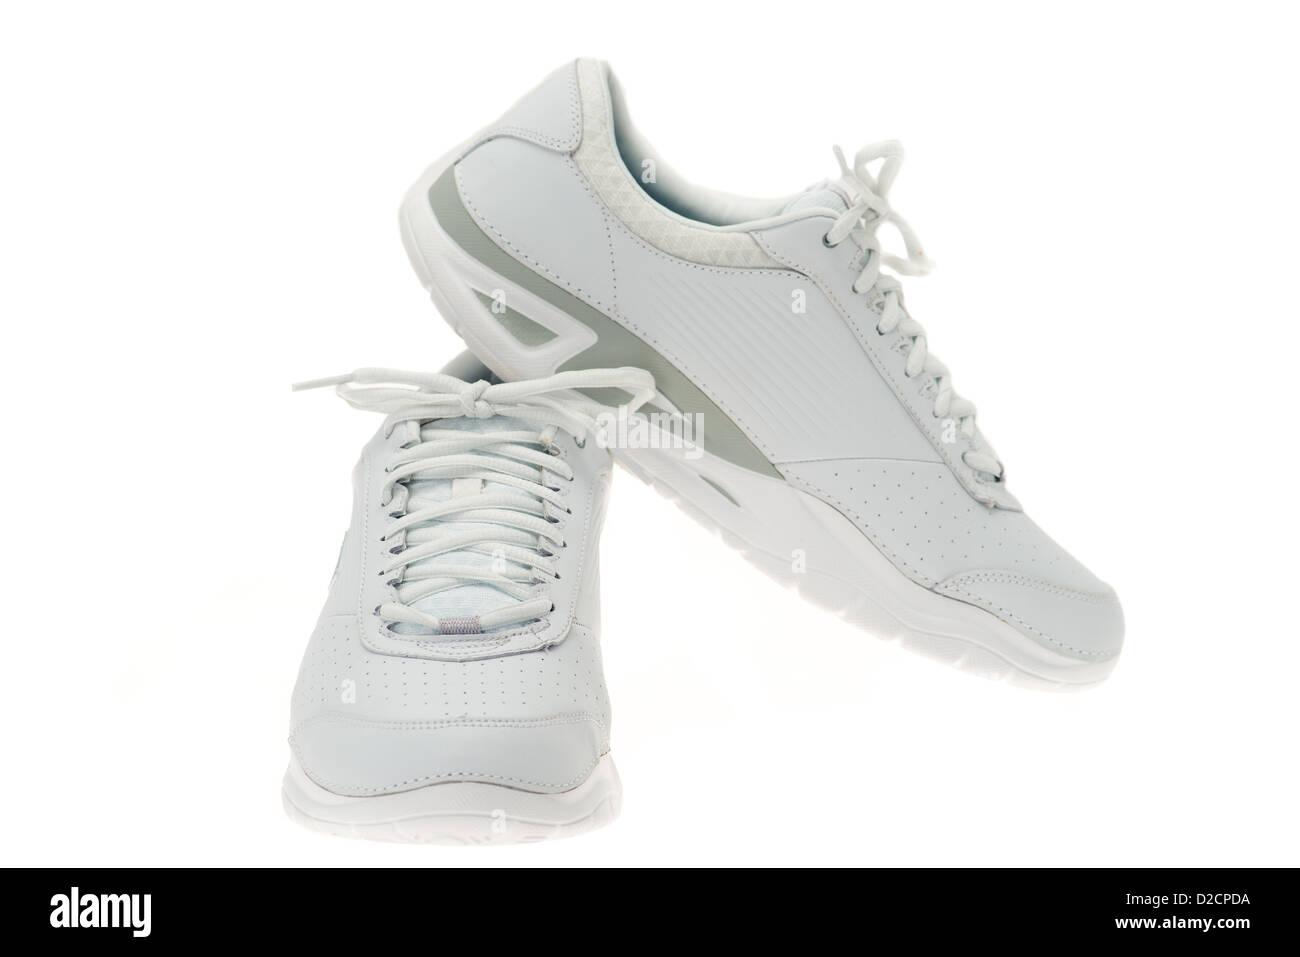 Un par de zapatillas de deporte blanco nuevo - una foto de estudio bien iluminado con un fondo blanco. Imagen De Stock